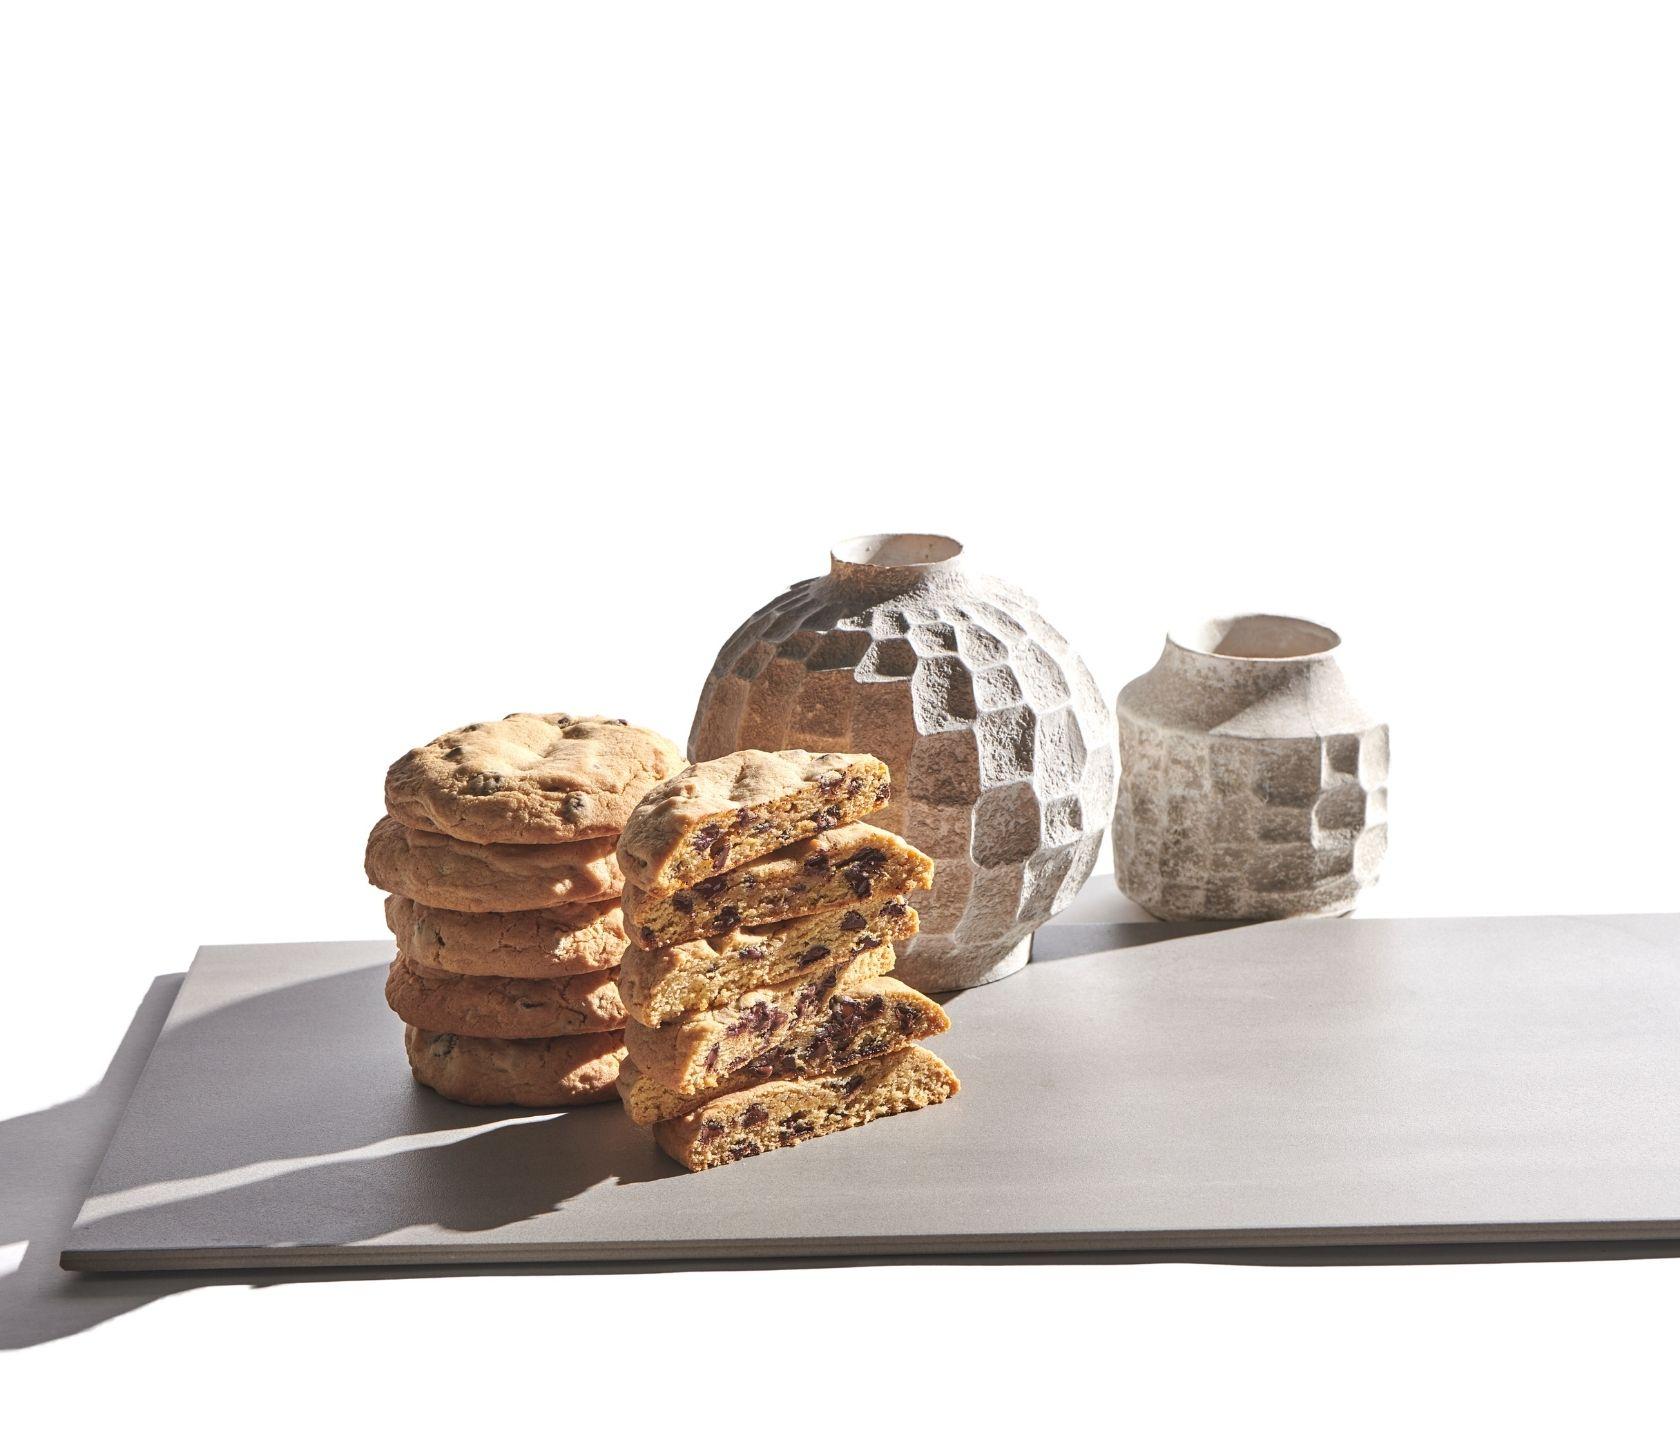 LEVAIN inspired cookies